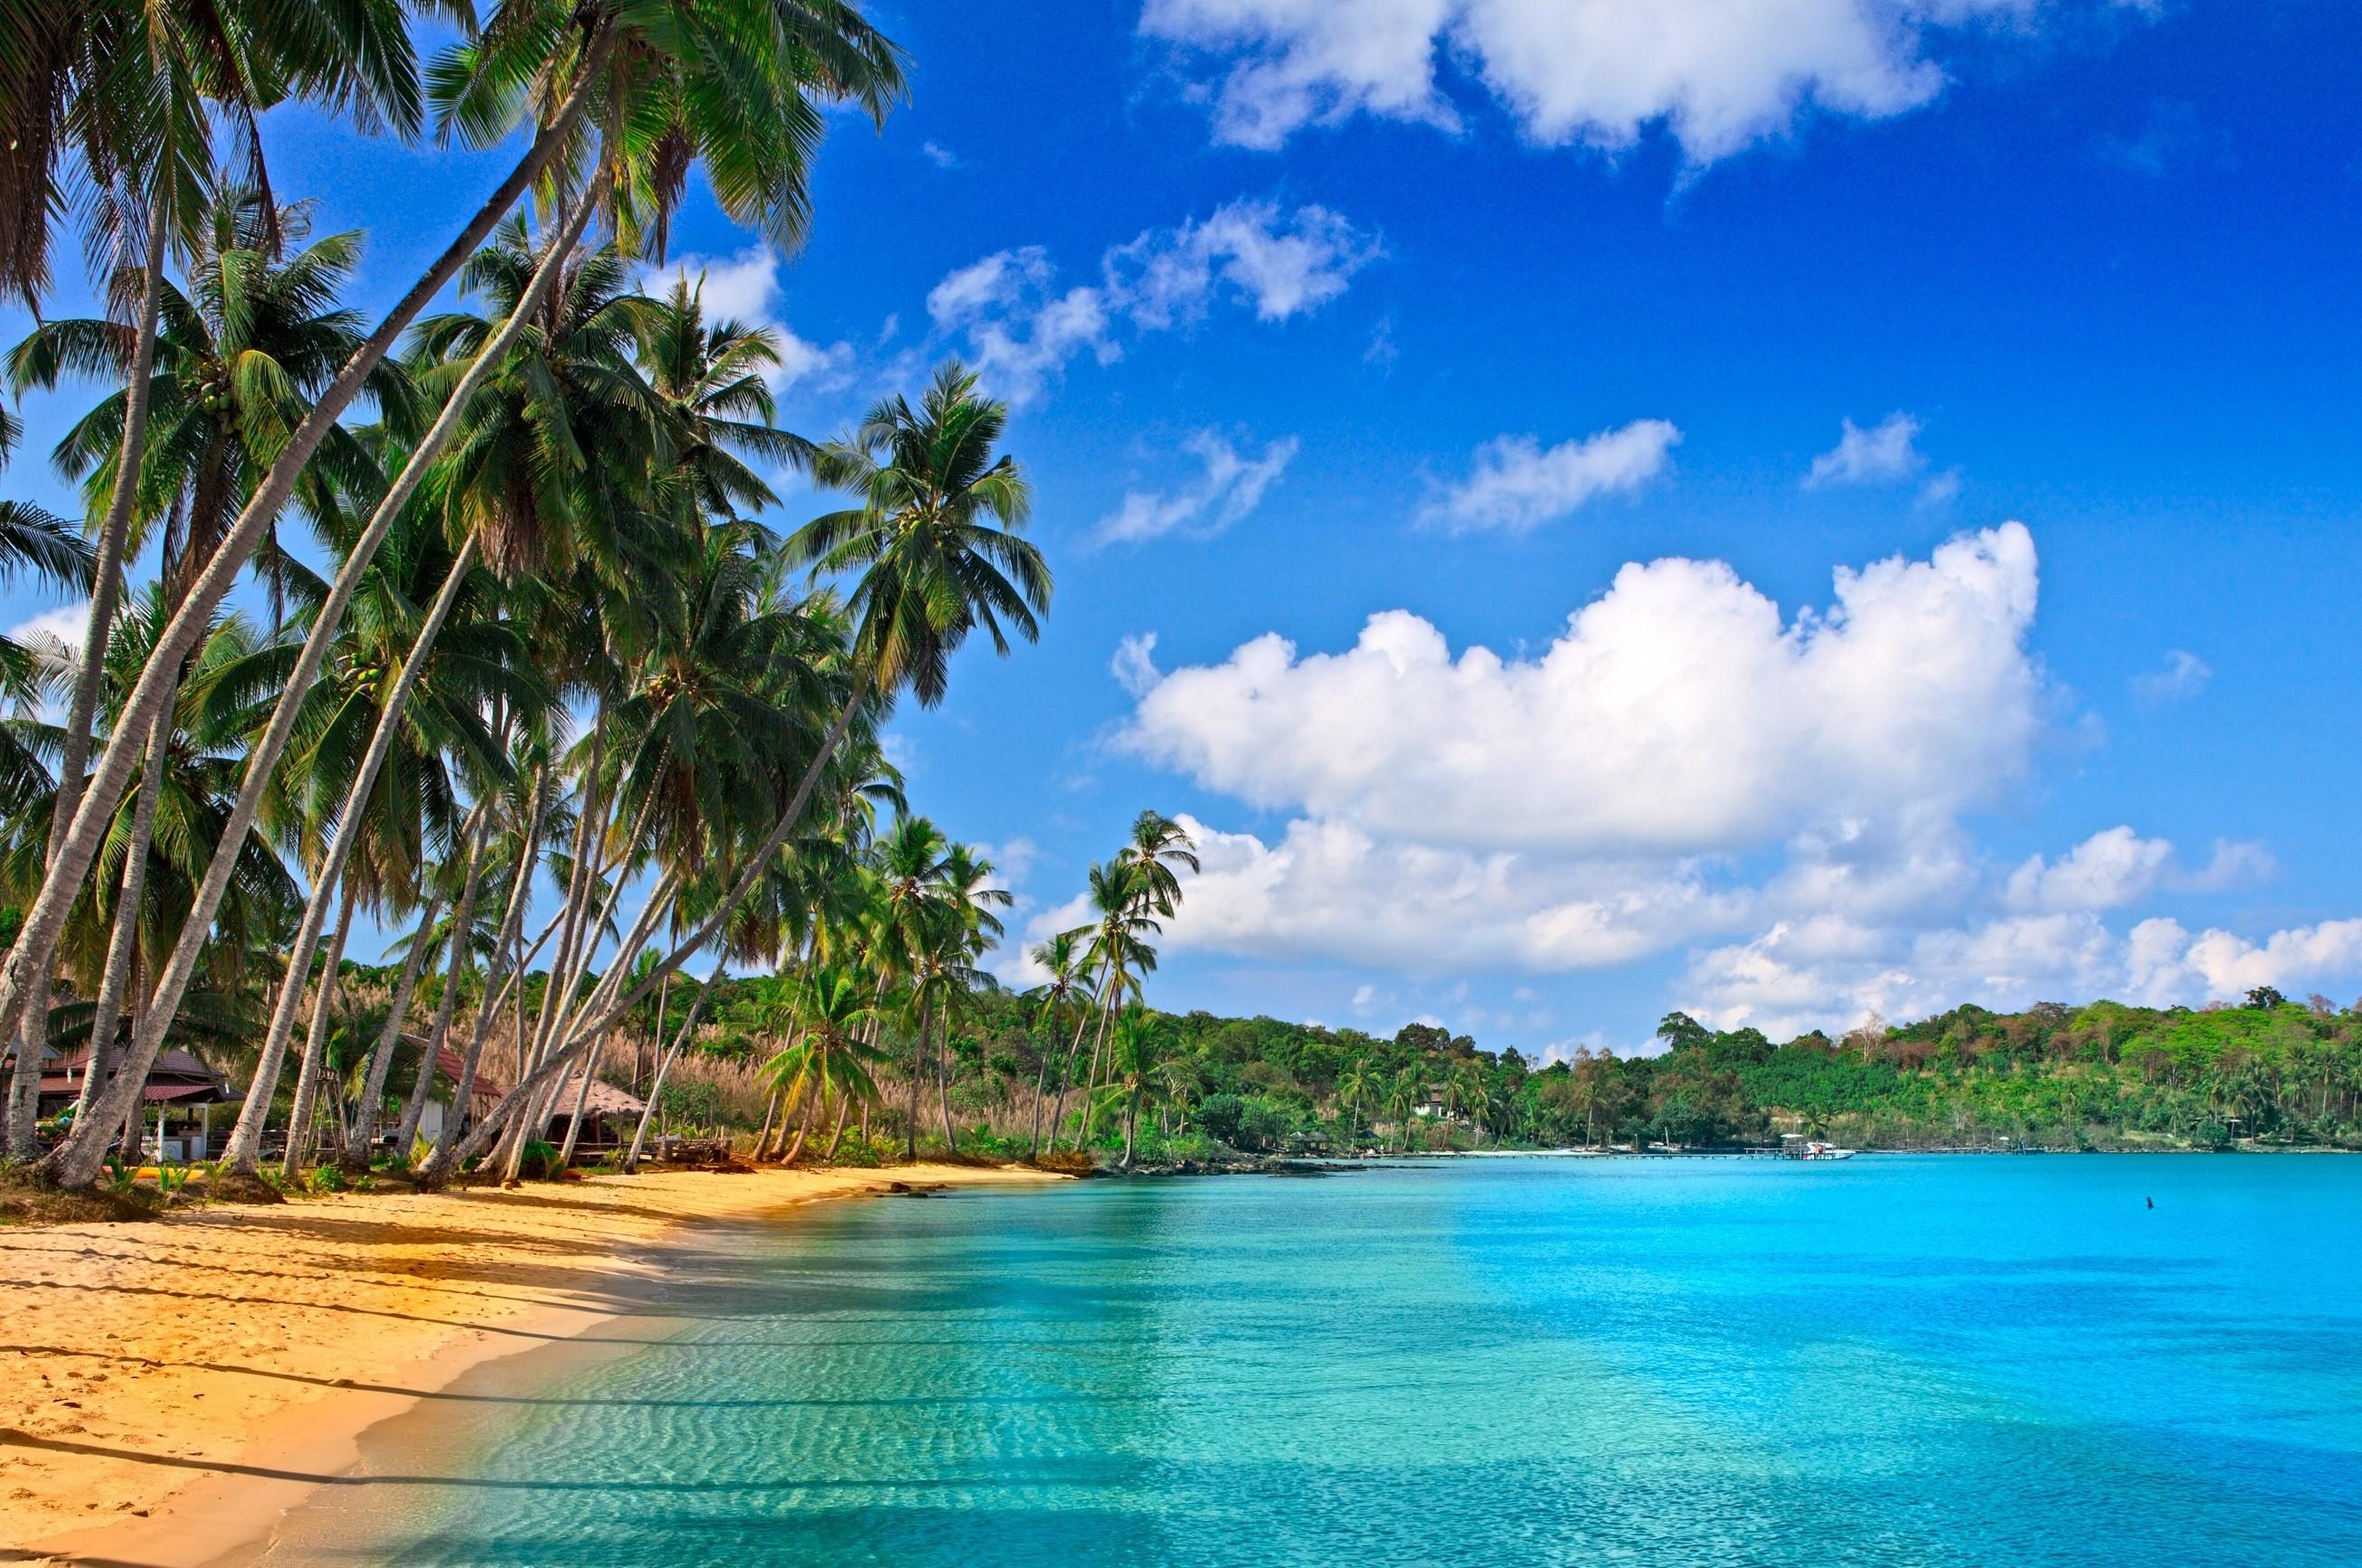 обои на рабочий стол море пальмы песок в высоком качестве № 2029  скачать